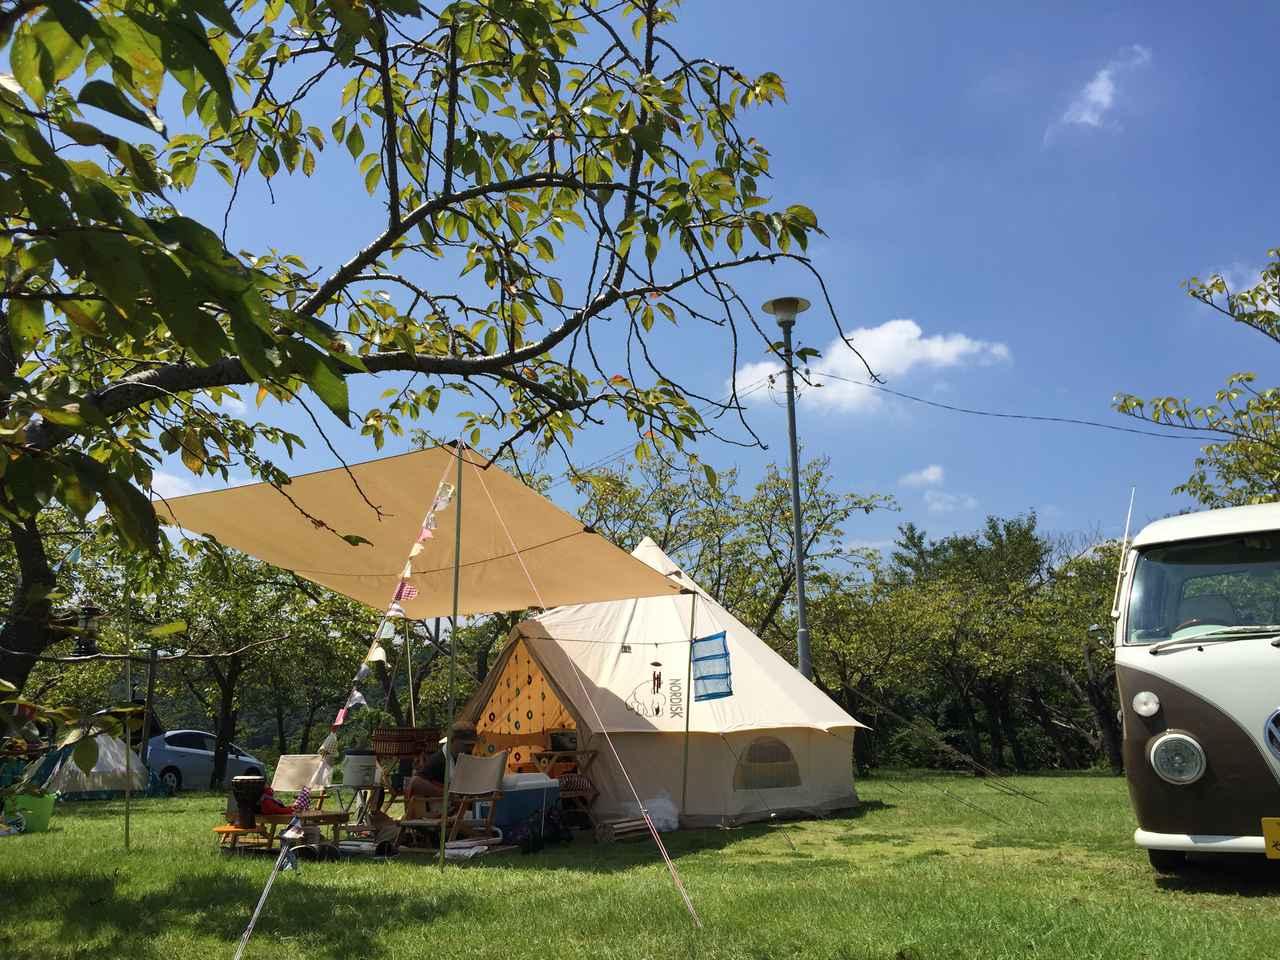 画像1: 【初心者のテント選び】キャンプ用品の王様「テント」 自分に合った選び方とは?